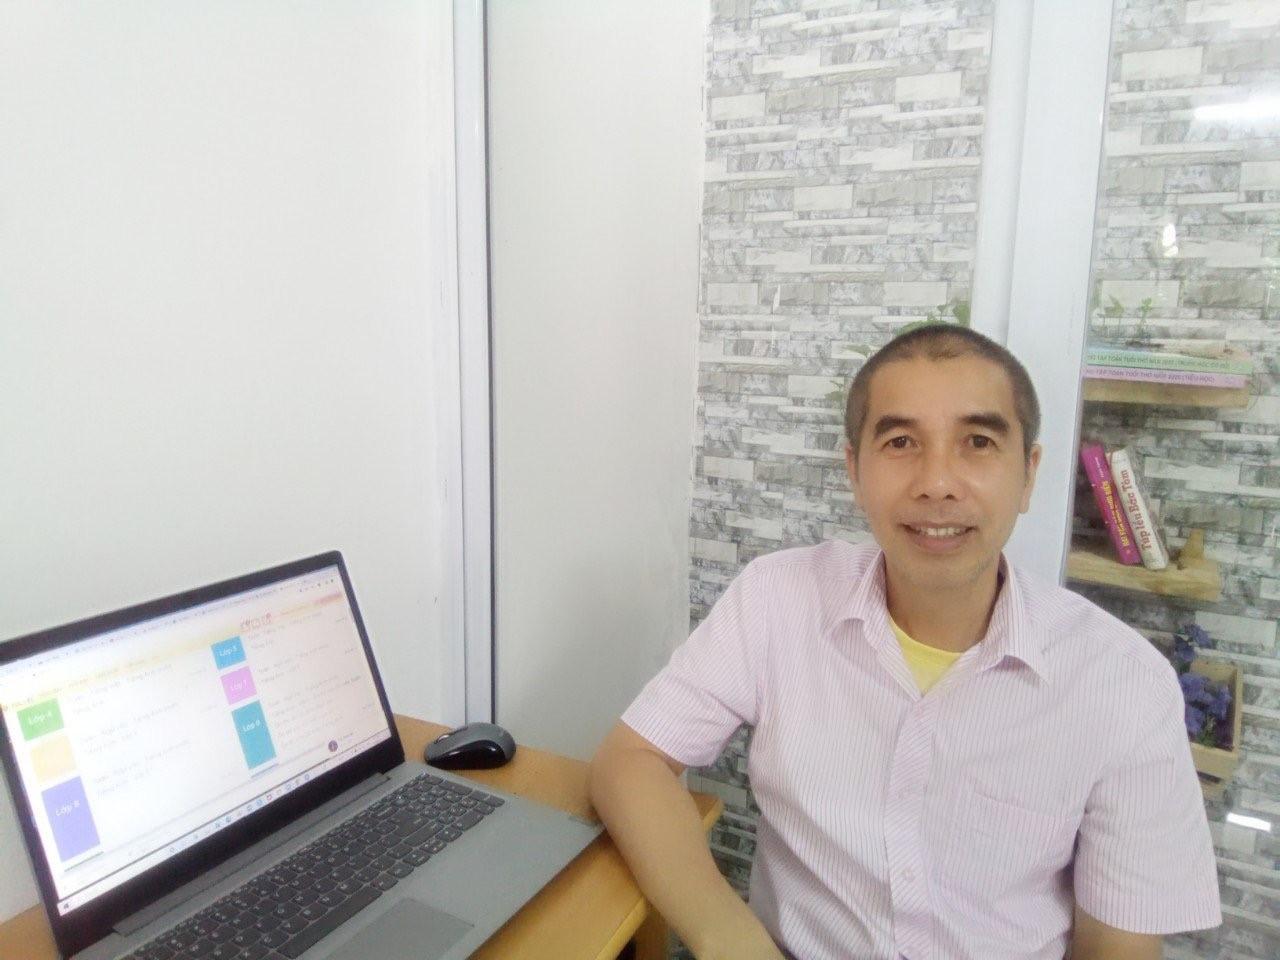 Phó giáo sư, Tiến sĩ Phạm Thọ Hoàn chia sẻ, để việc thi trực tuyến cấp trường hiệu quả cần chọn hệ thống đáp ứng yêu cầu thi trắc nghiệm lẫn tự luận.